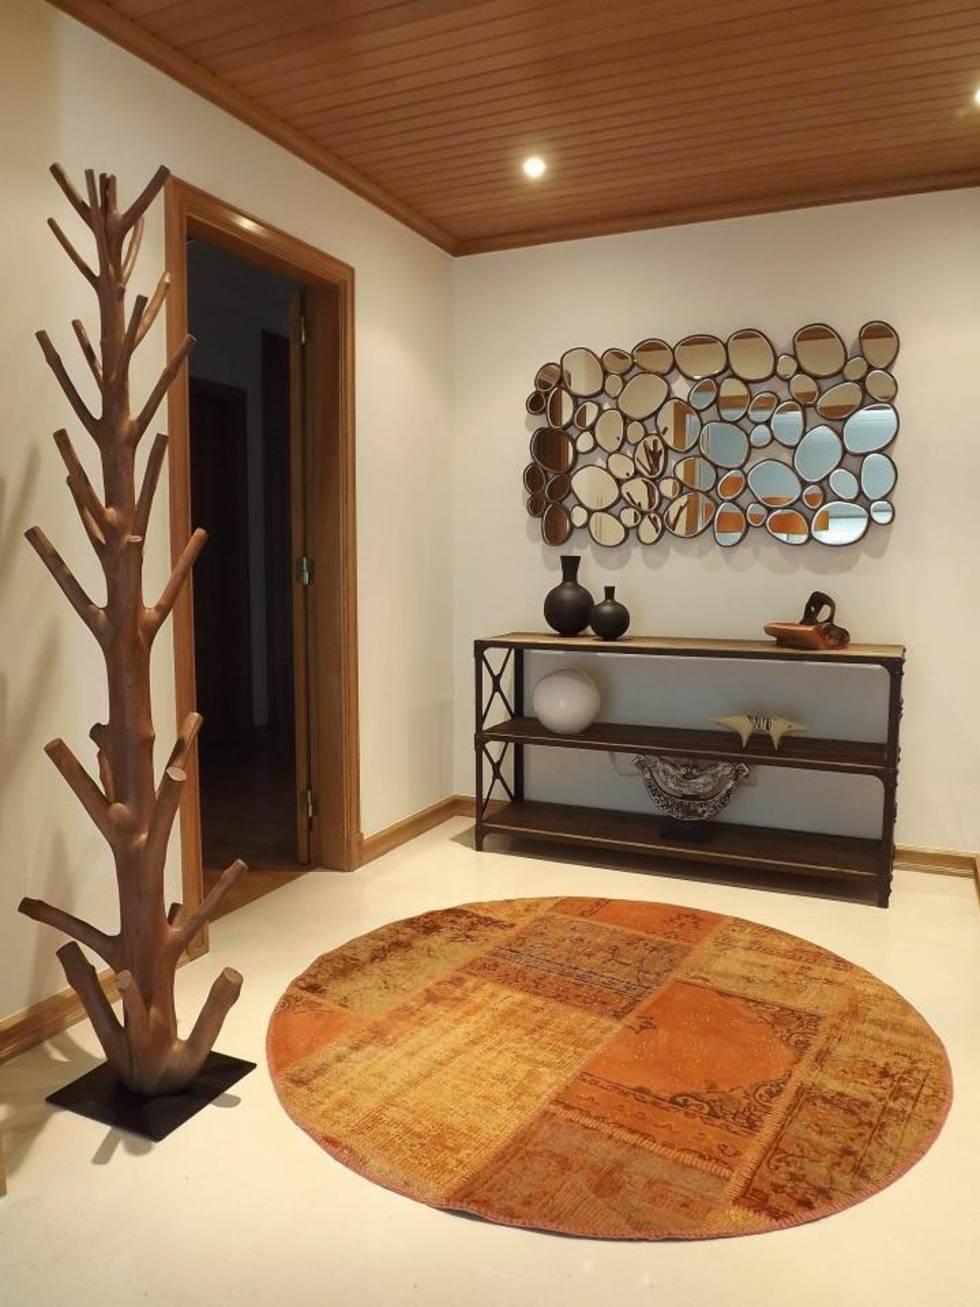 awesome-eger-evinizin-koridorunda-pek-sik-evinizin-giris-holunu-dekore-etmek-24 Evinizin giriş holünü dekore etmek